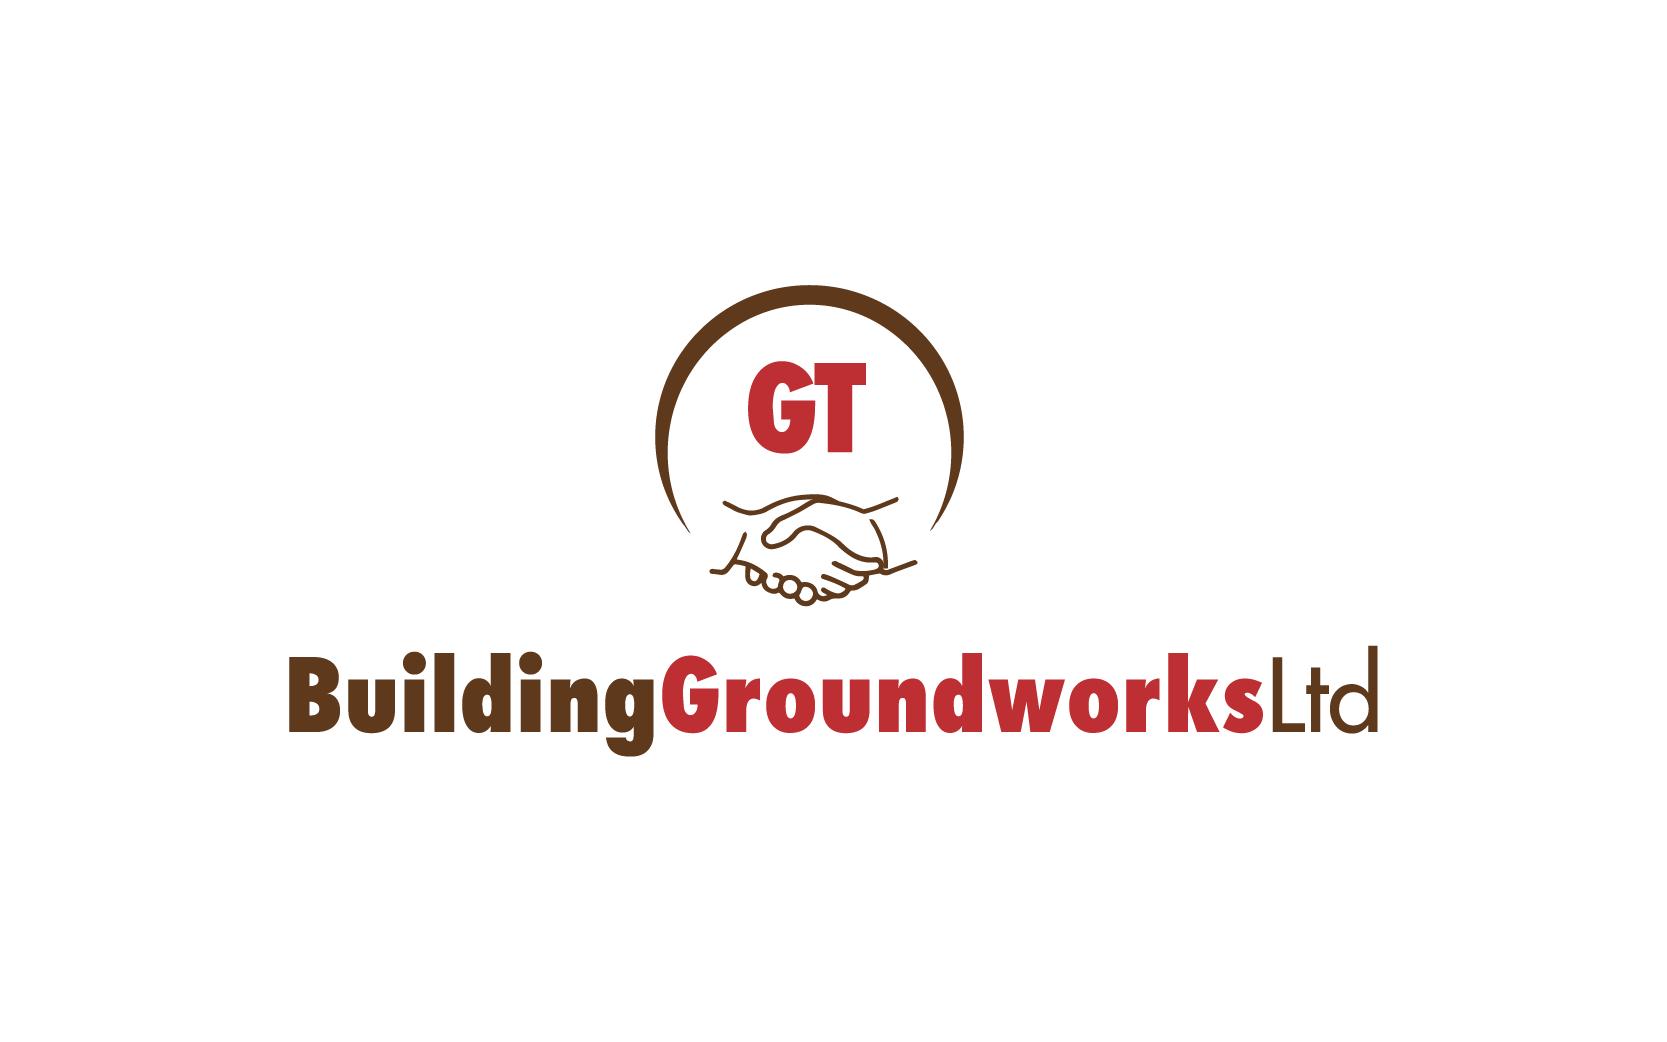 j+design-logo-design-gt